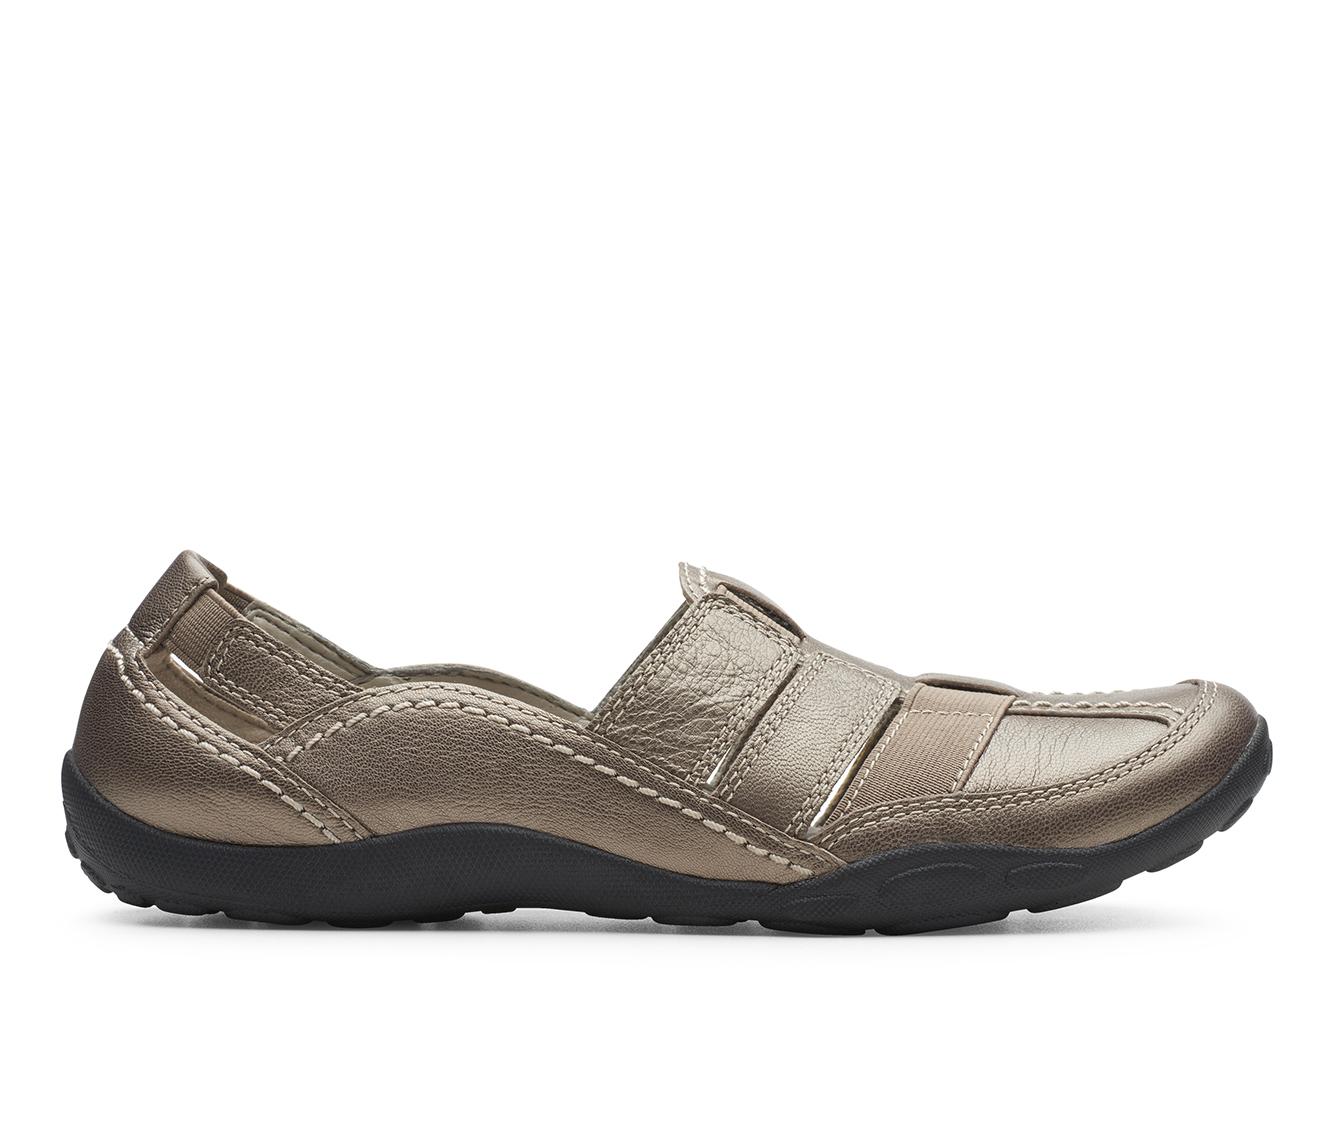 Clarks Haley Stork Women's Shoe (Gray Leather)